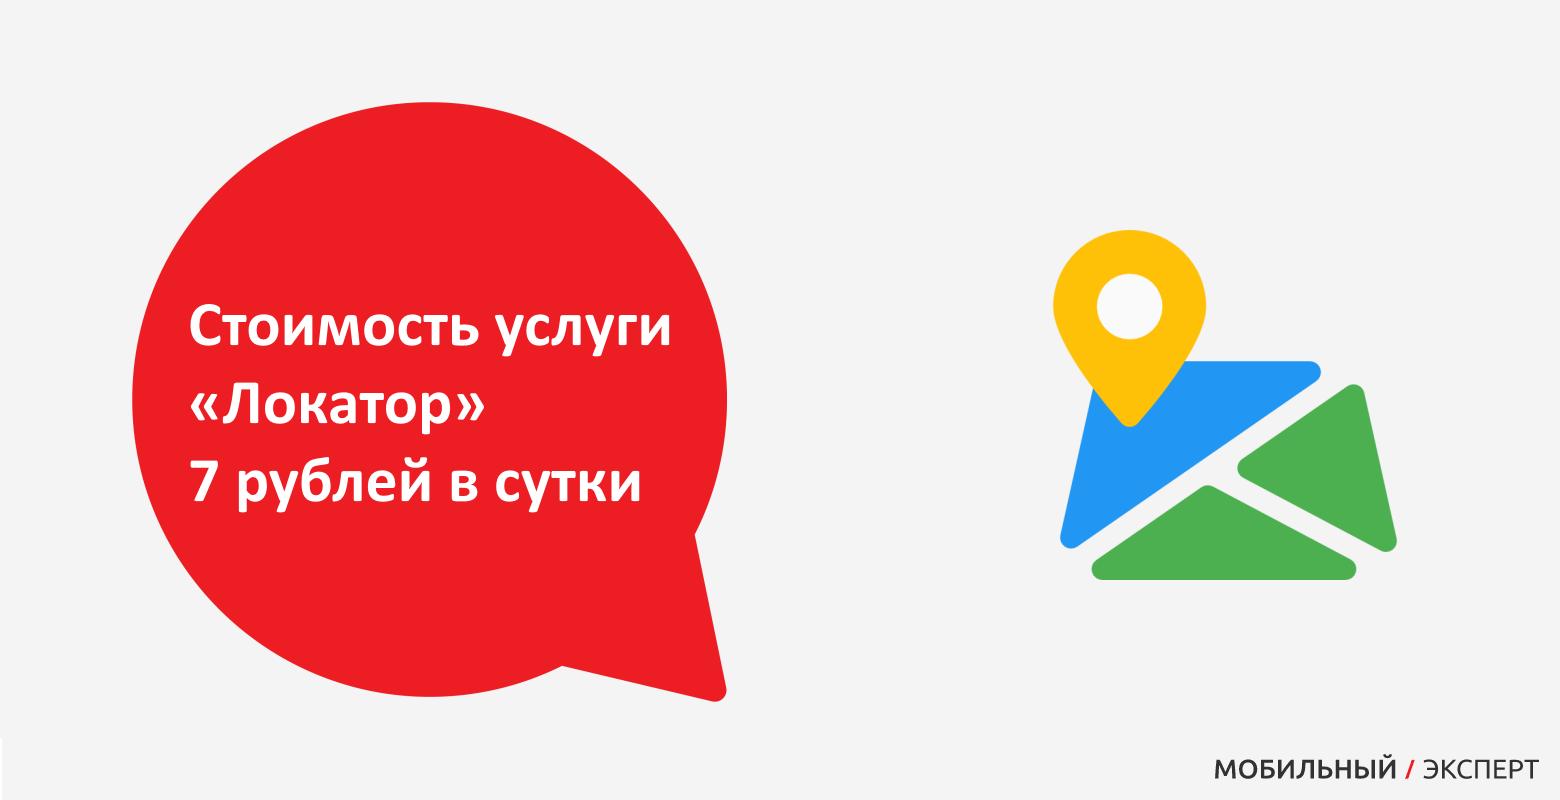 Стоимость услуги «Локатор» 7 рублей в сутки